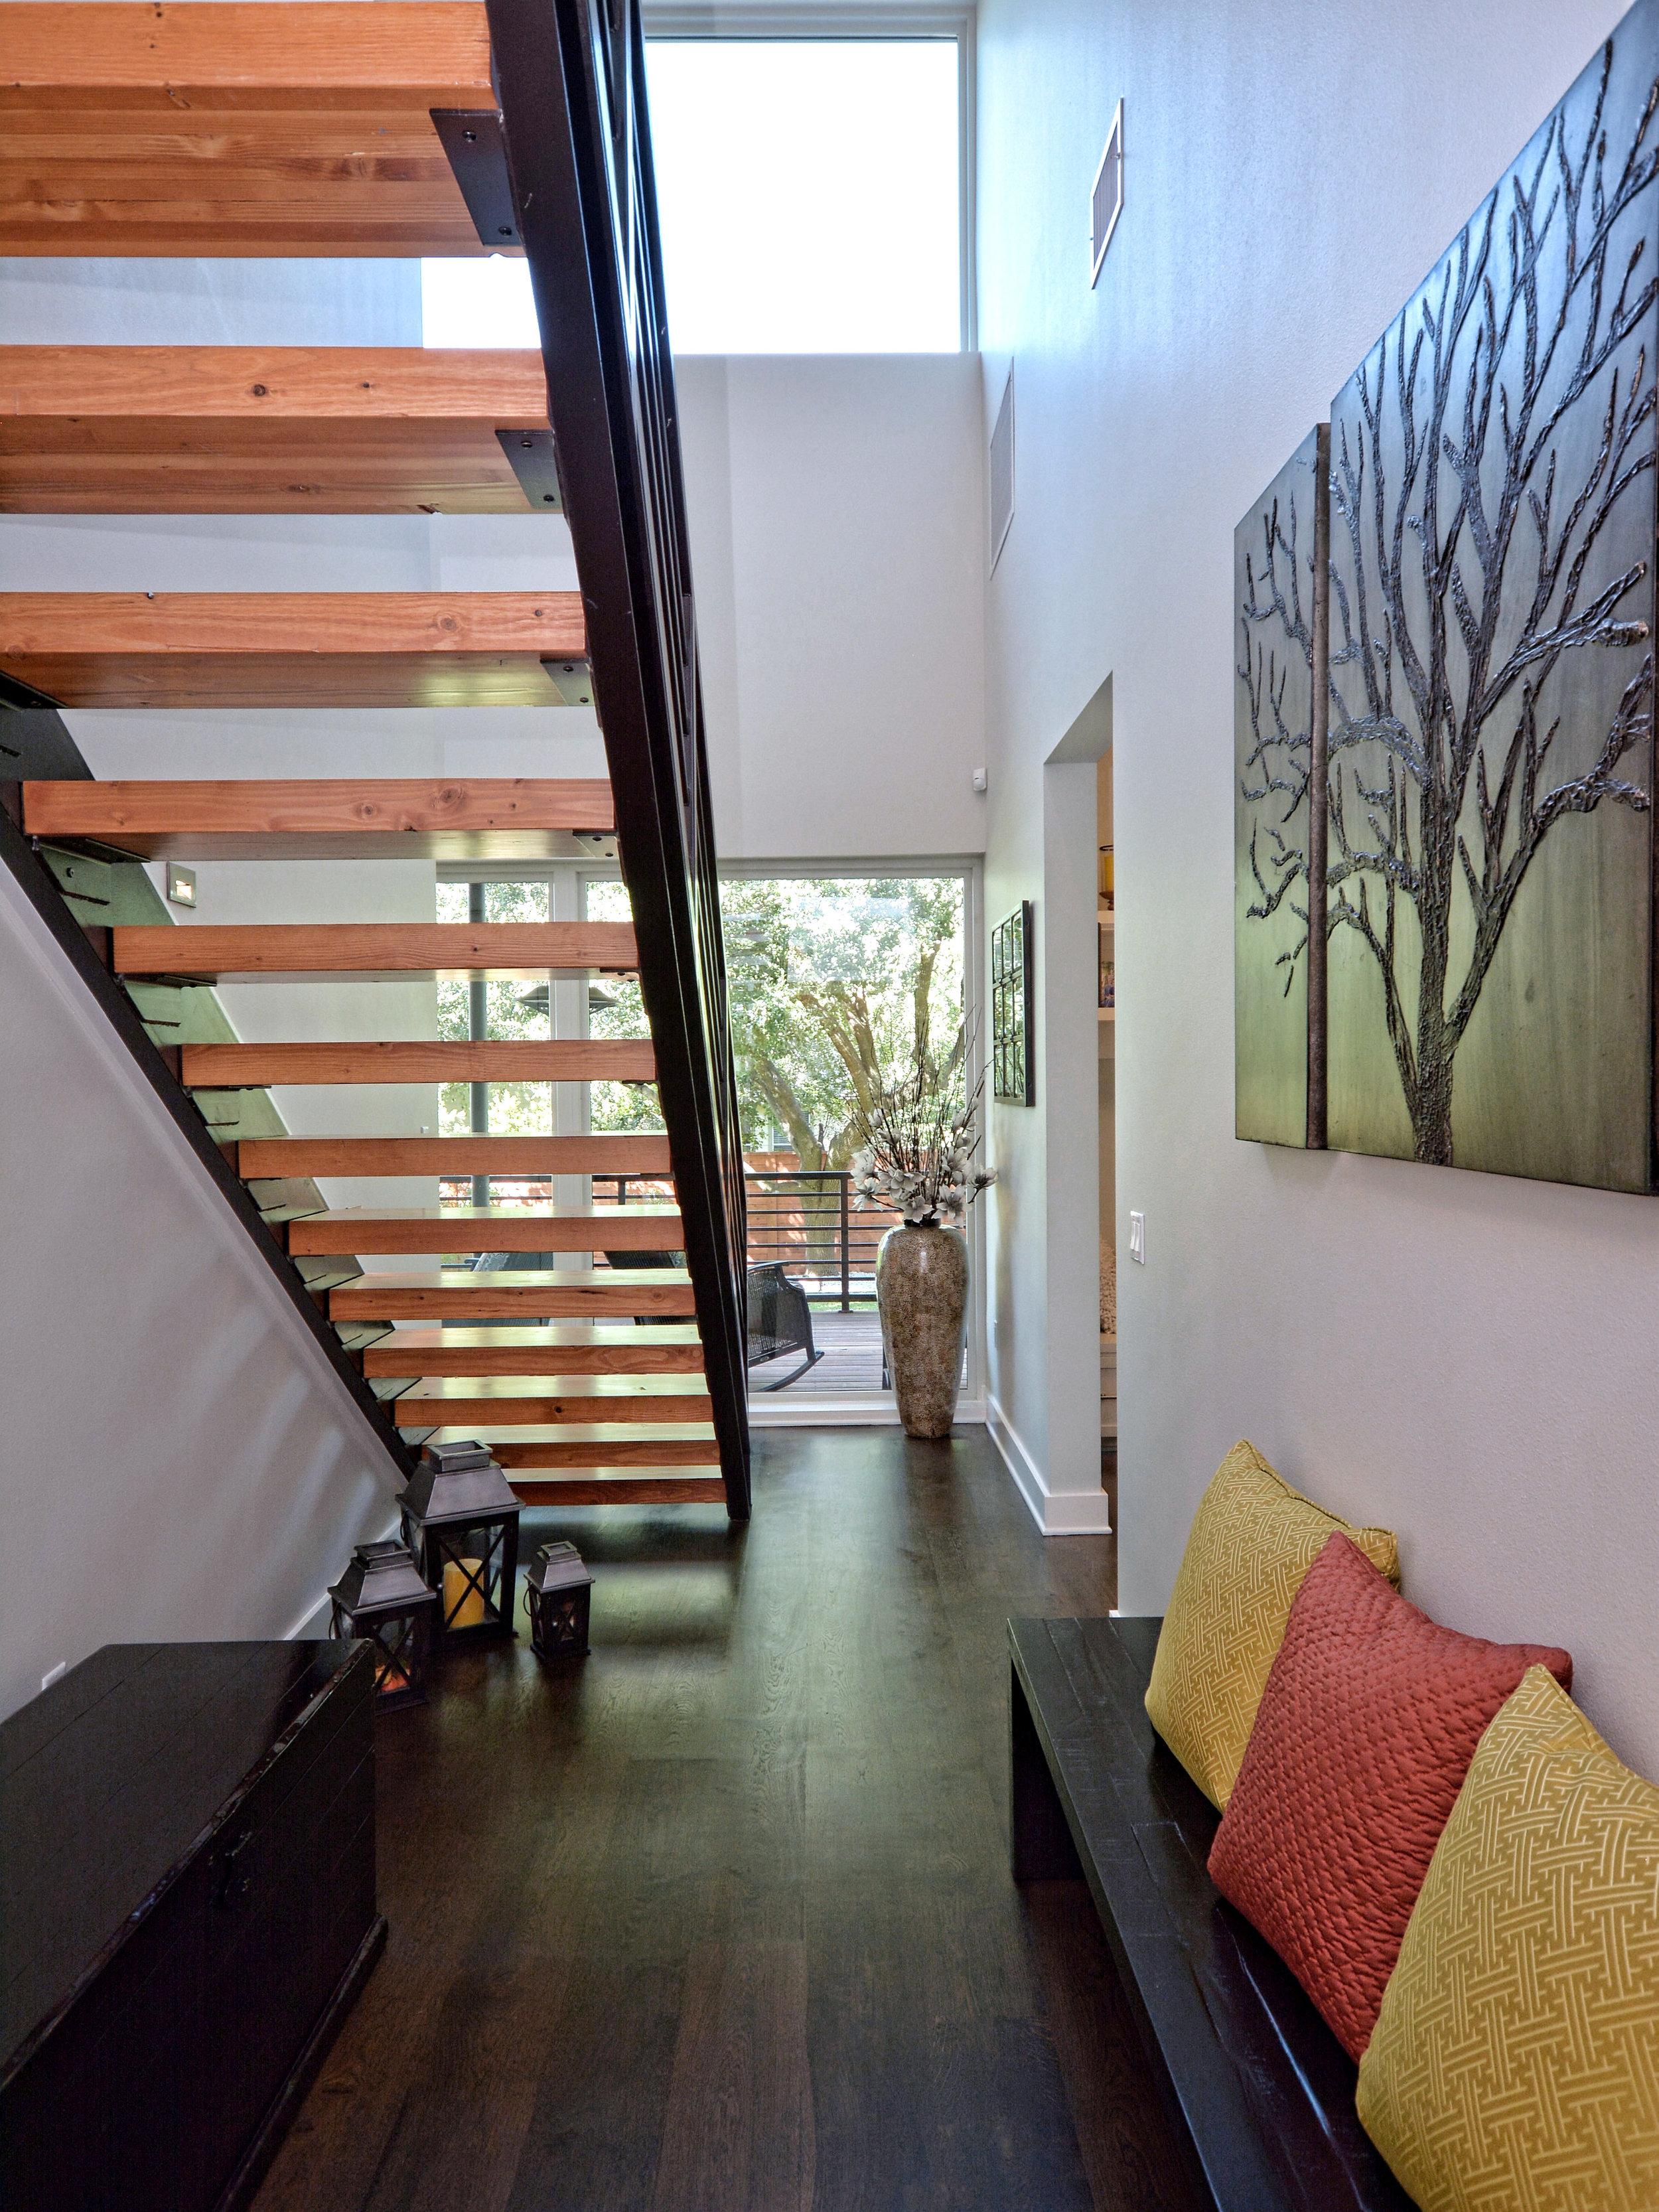 007_Stairs View.jpg